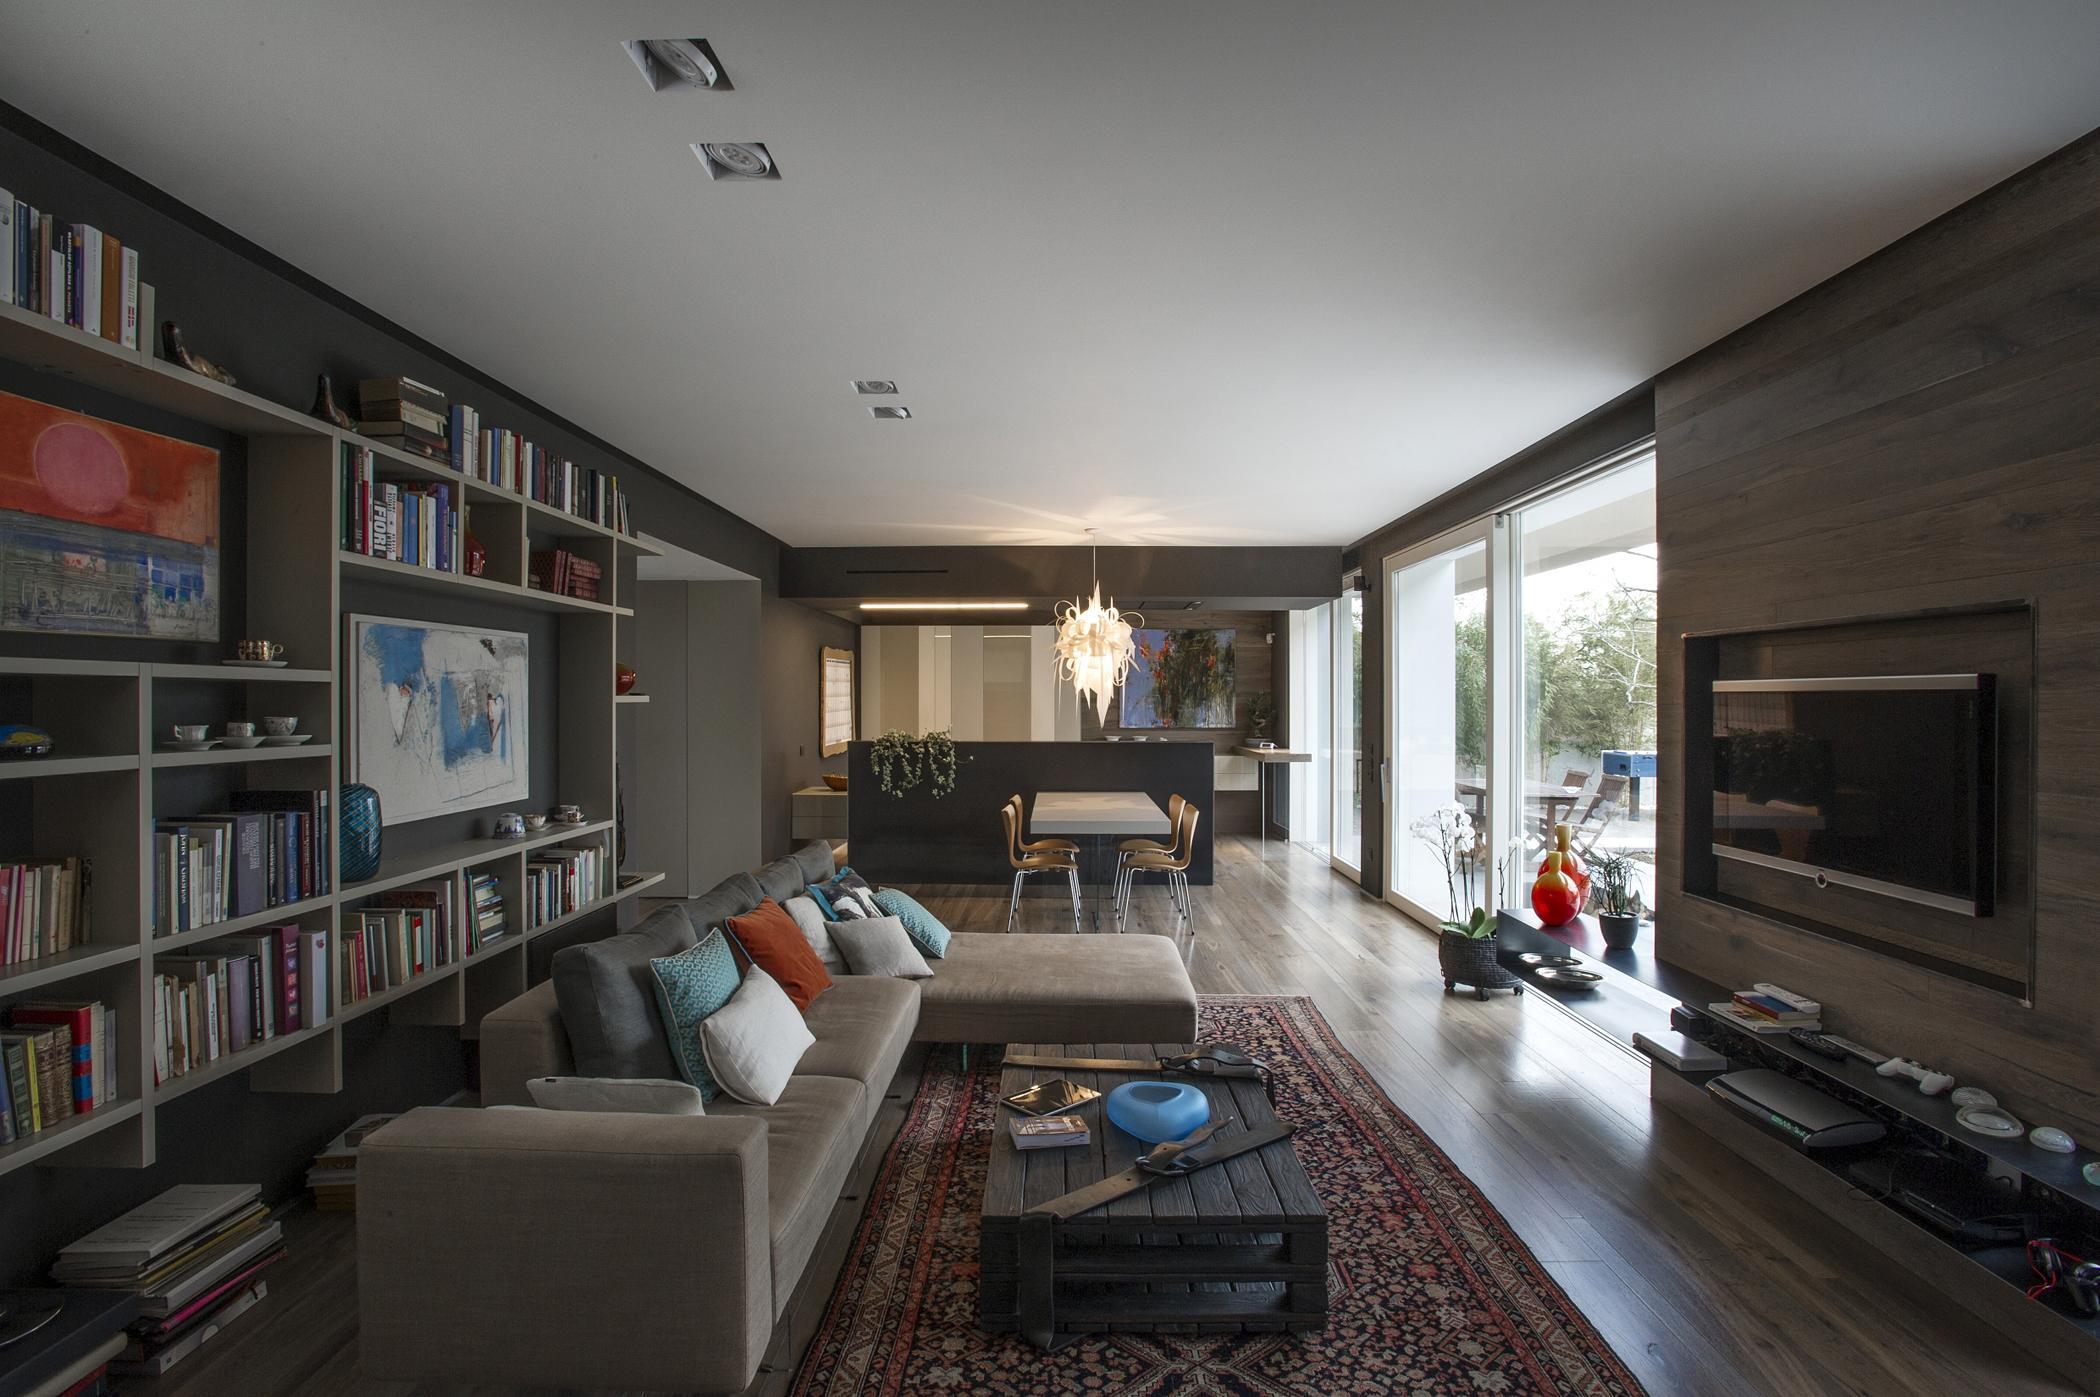 Esstisch seite 32 bilder ideen couchstyle for Wohnwand und esstisch